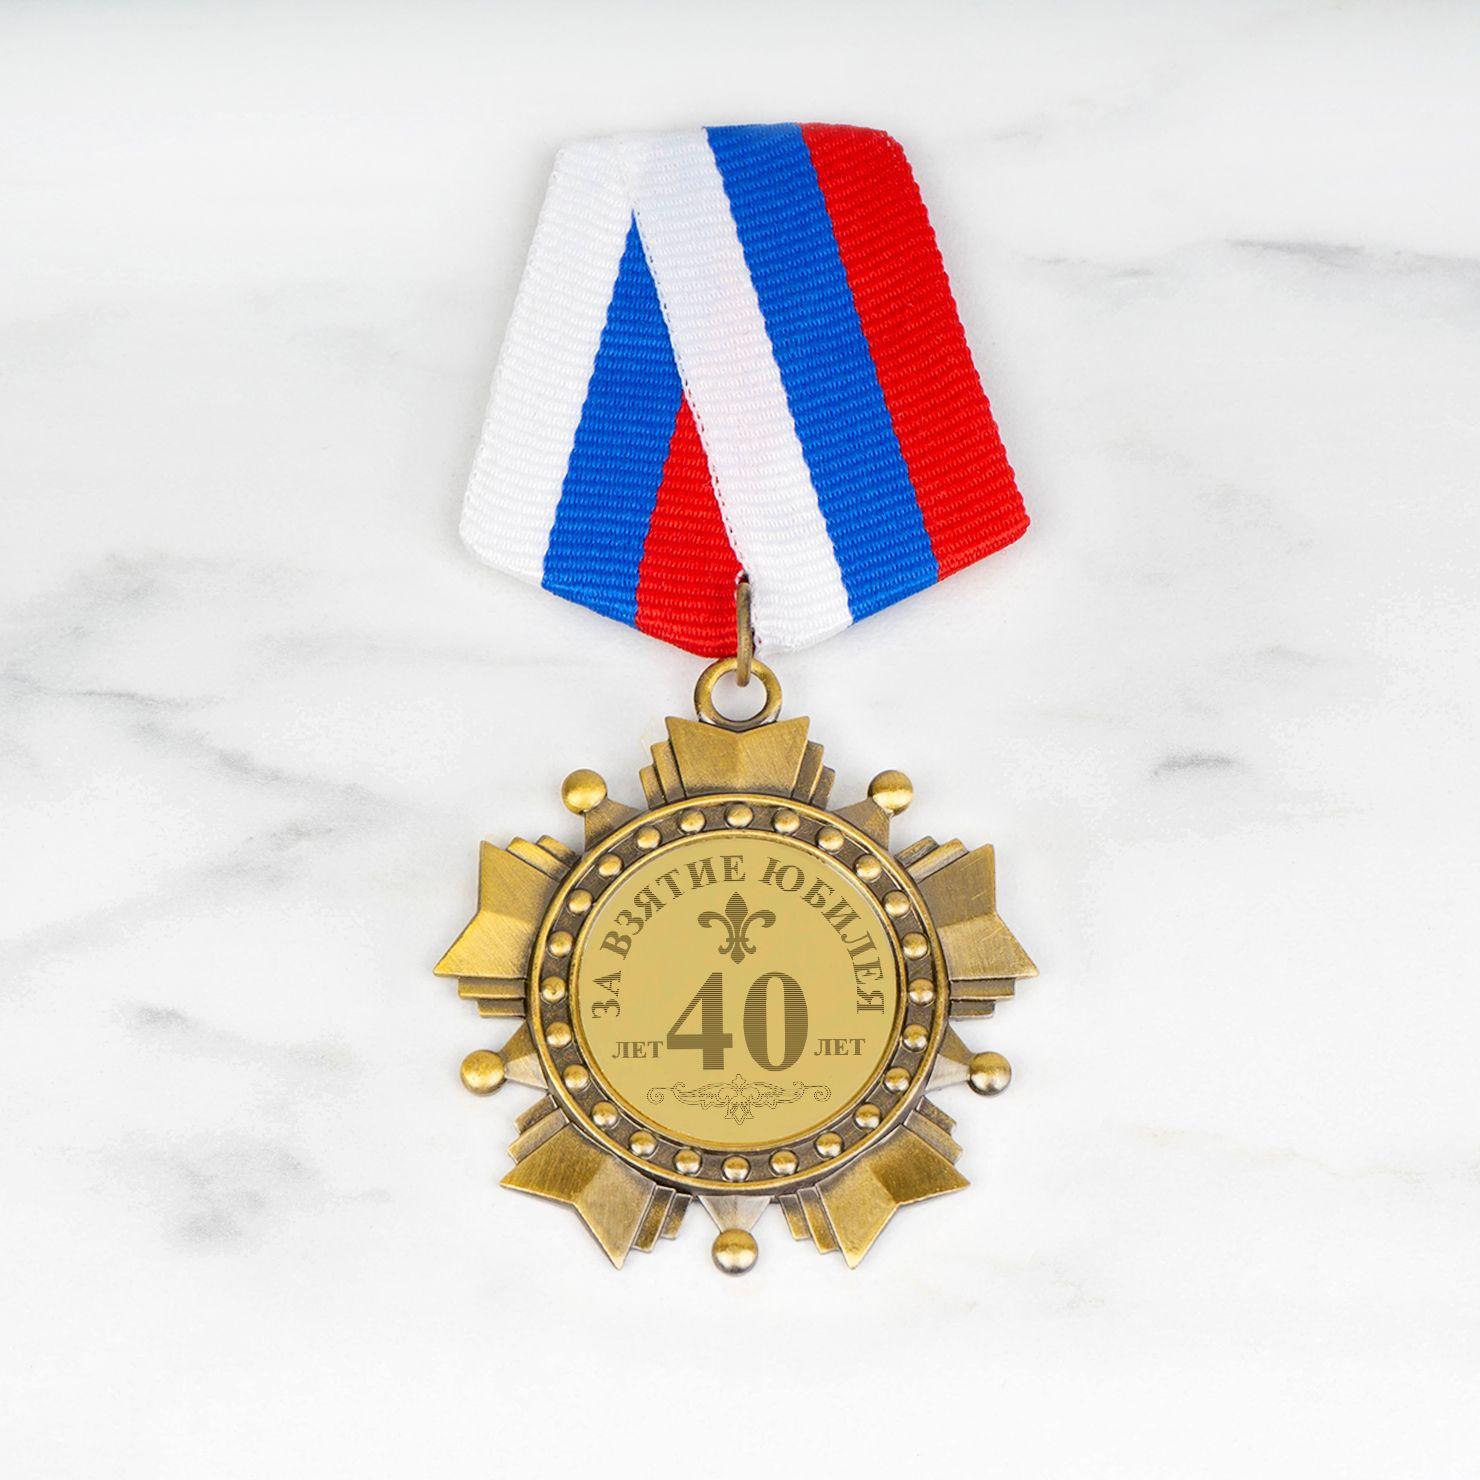 Орден *За взятие Юбилея 40 лет*